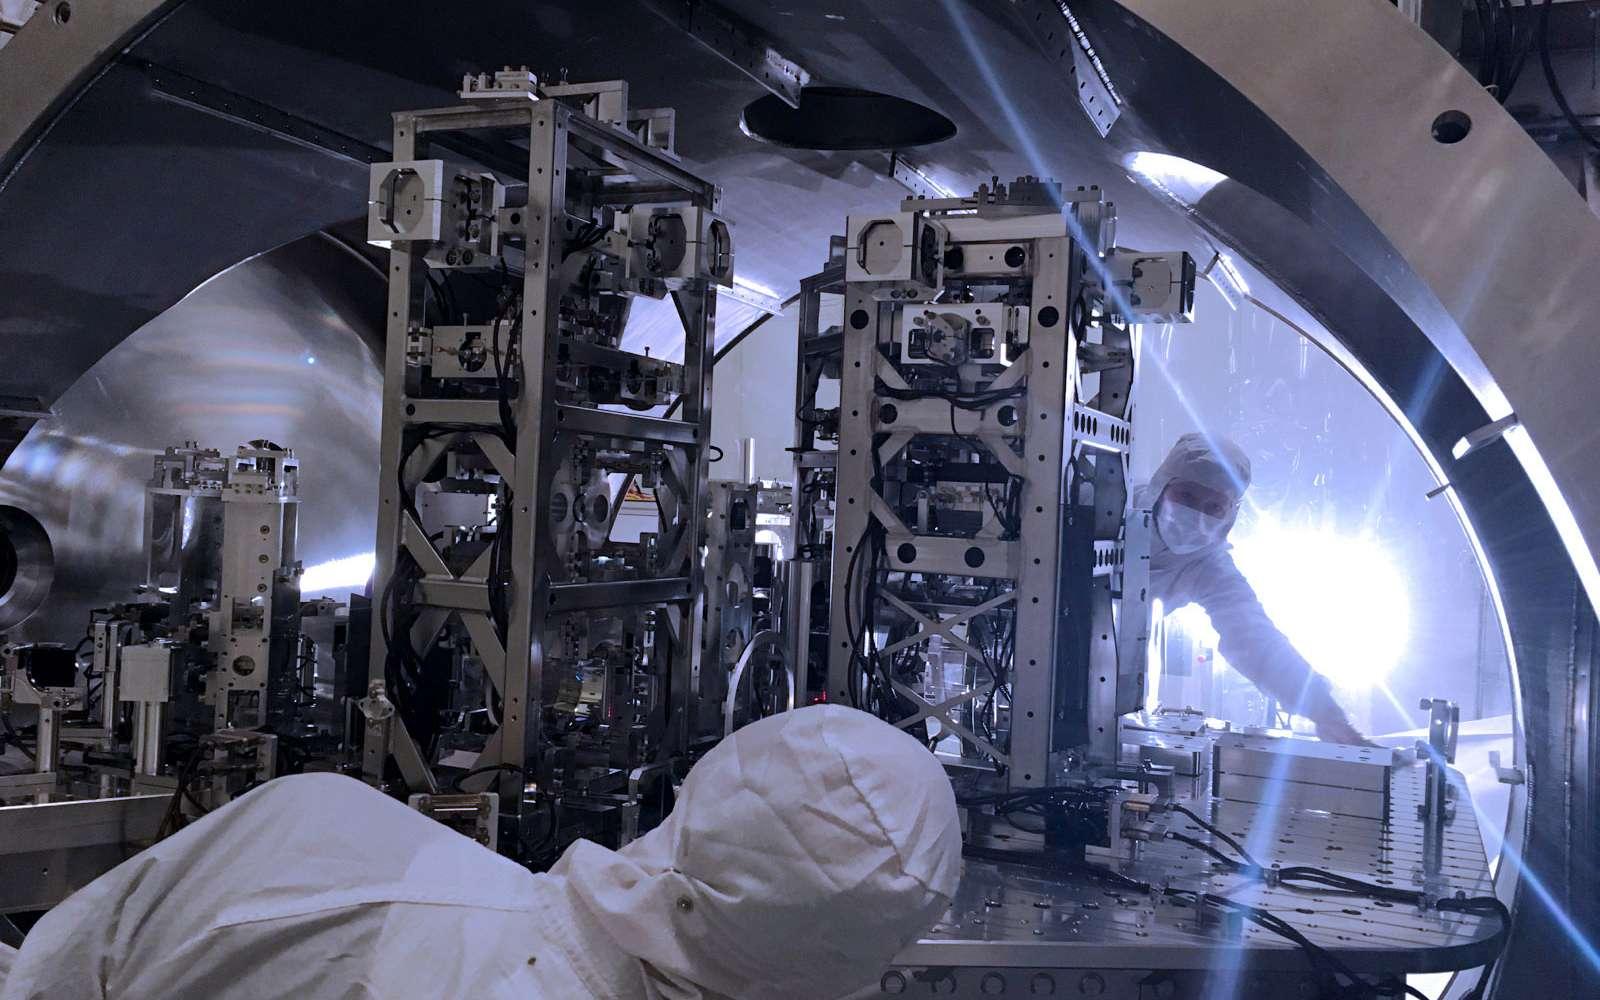 Une vue de l'intérieur du détecteur d'ondes gravitationnelles Ligo aux États-Unis. © LIGOCaltech, MIT, Jeff Kissel